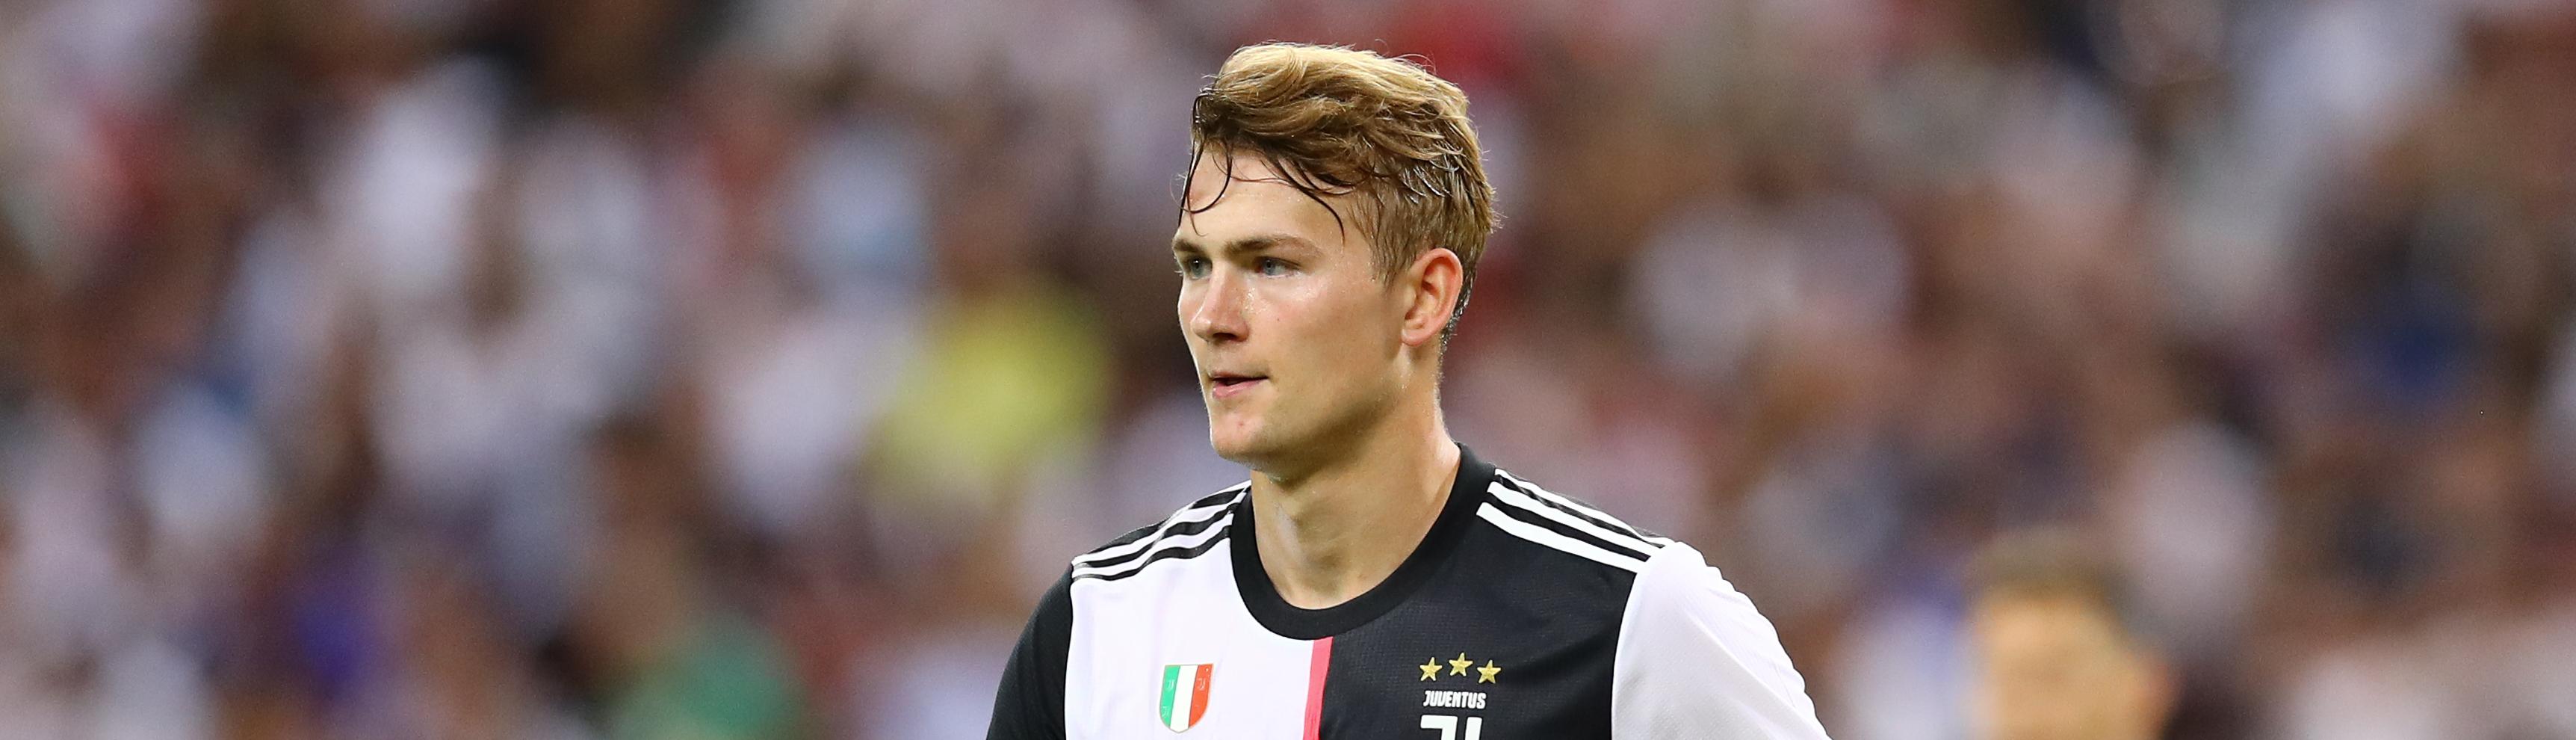 Calciomercato Serie A: tabellone acquisti, cessioni e trattative di un'estate caldissima